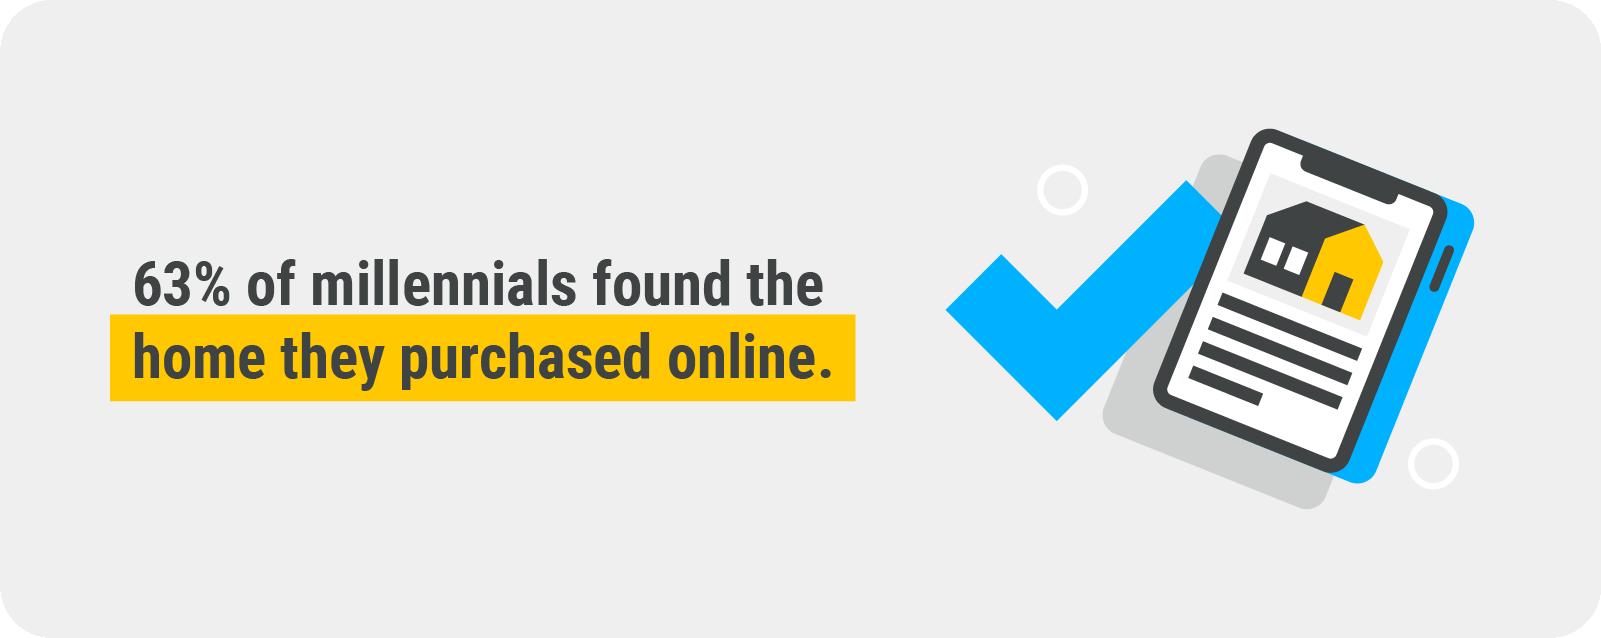 63% of millennials found their home online